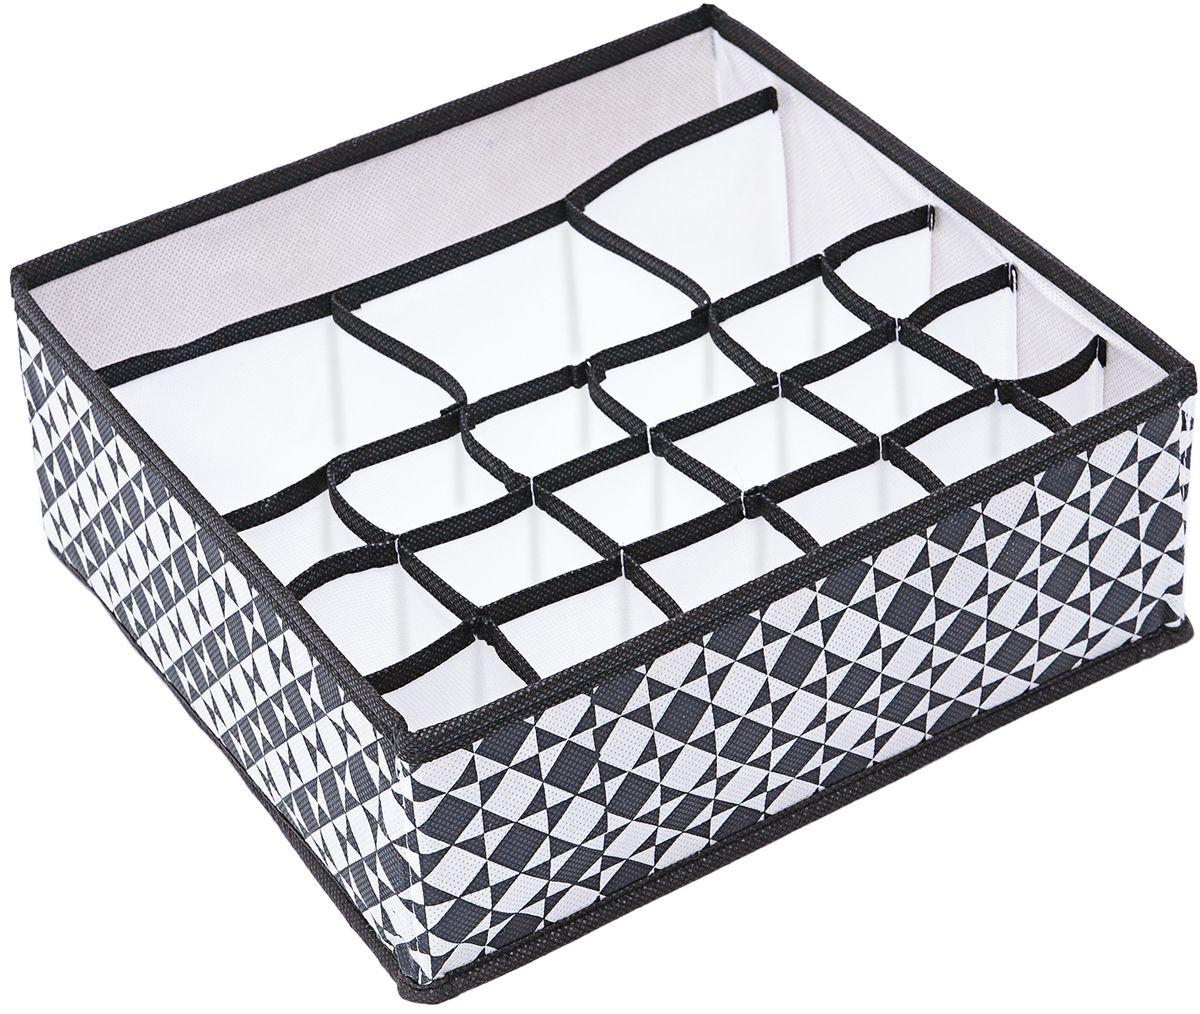 Органайзер Homsu Maestro, на 22 ячейки ,30 x 30 x 11 смHOM-783Супер универсальный органайзер с секциями разного размера наведет порядок в любом ящике комода или на полке. Благодаря размерам ячеек, вы легко сможете хранить в нем вещи такие, как футболки, нижнее белье, носки, шапки и многое другое. Имеет жесткие борта, что является гарантией сохранности вещей. Подходит в шкафы Били от Икея.